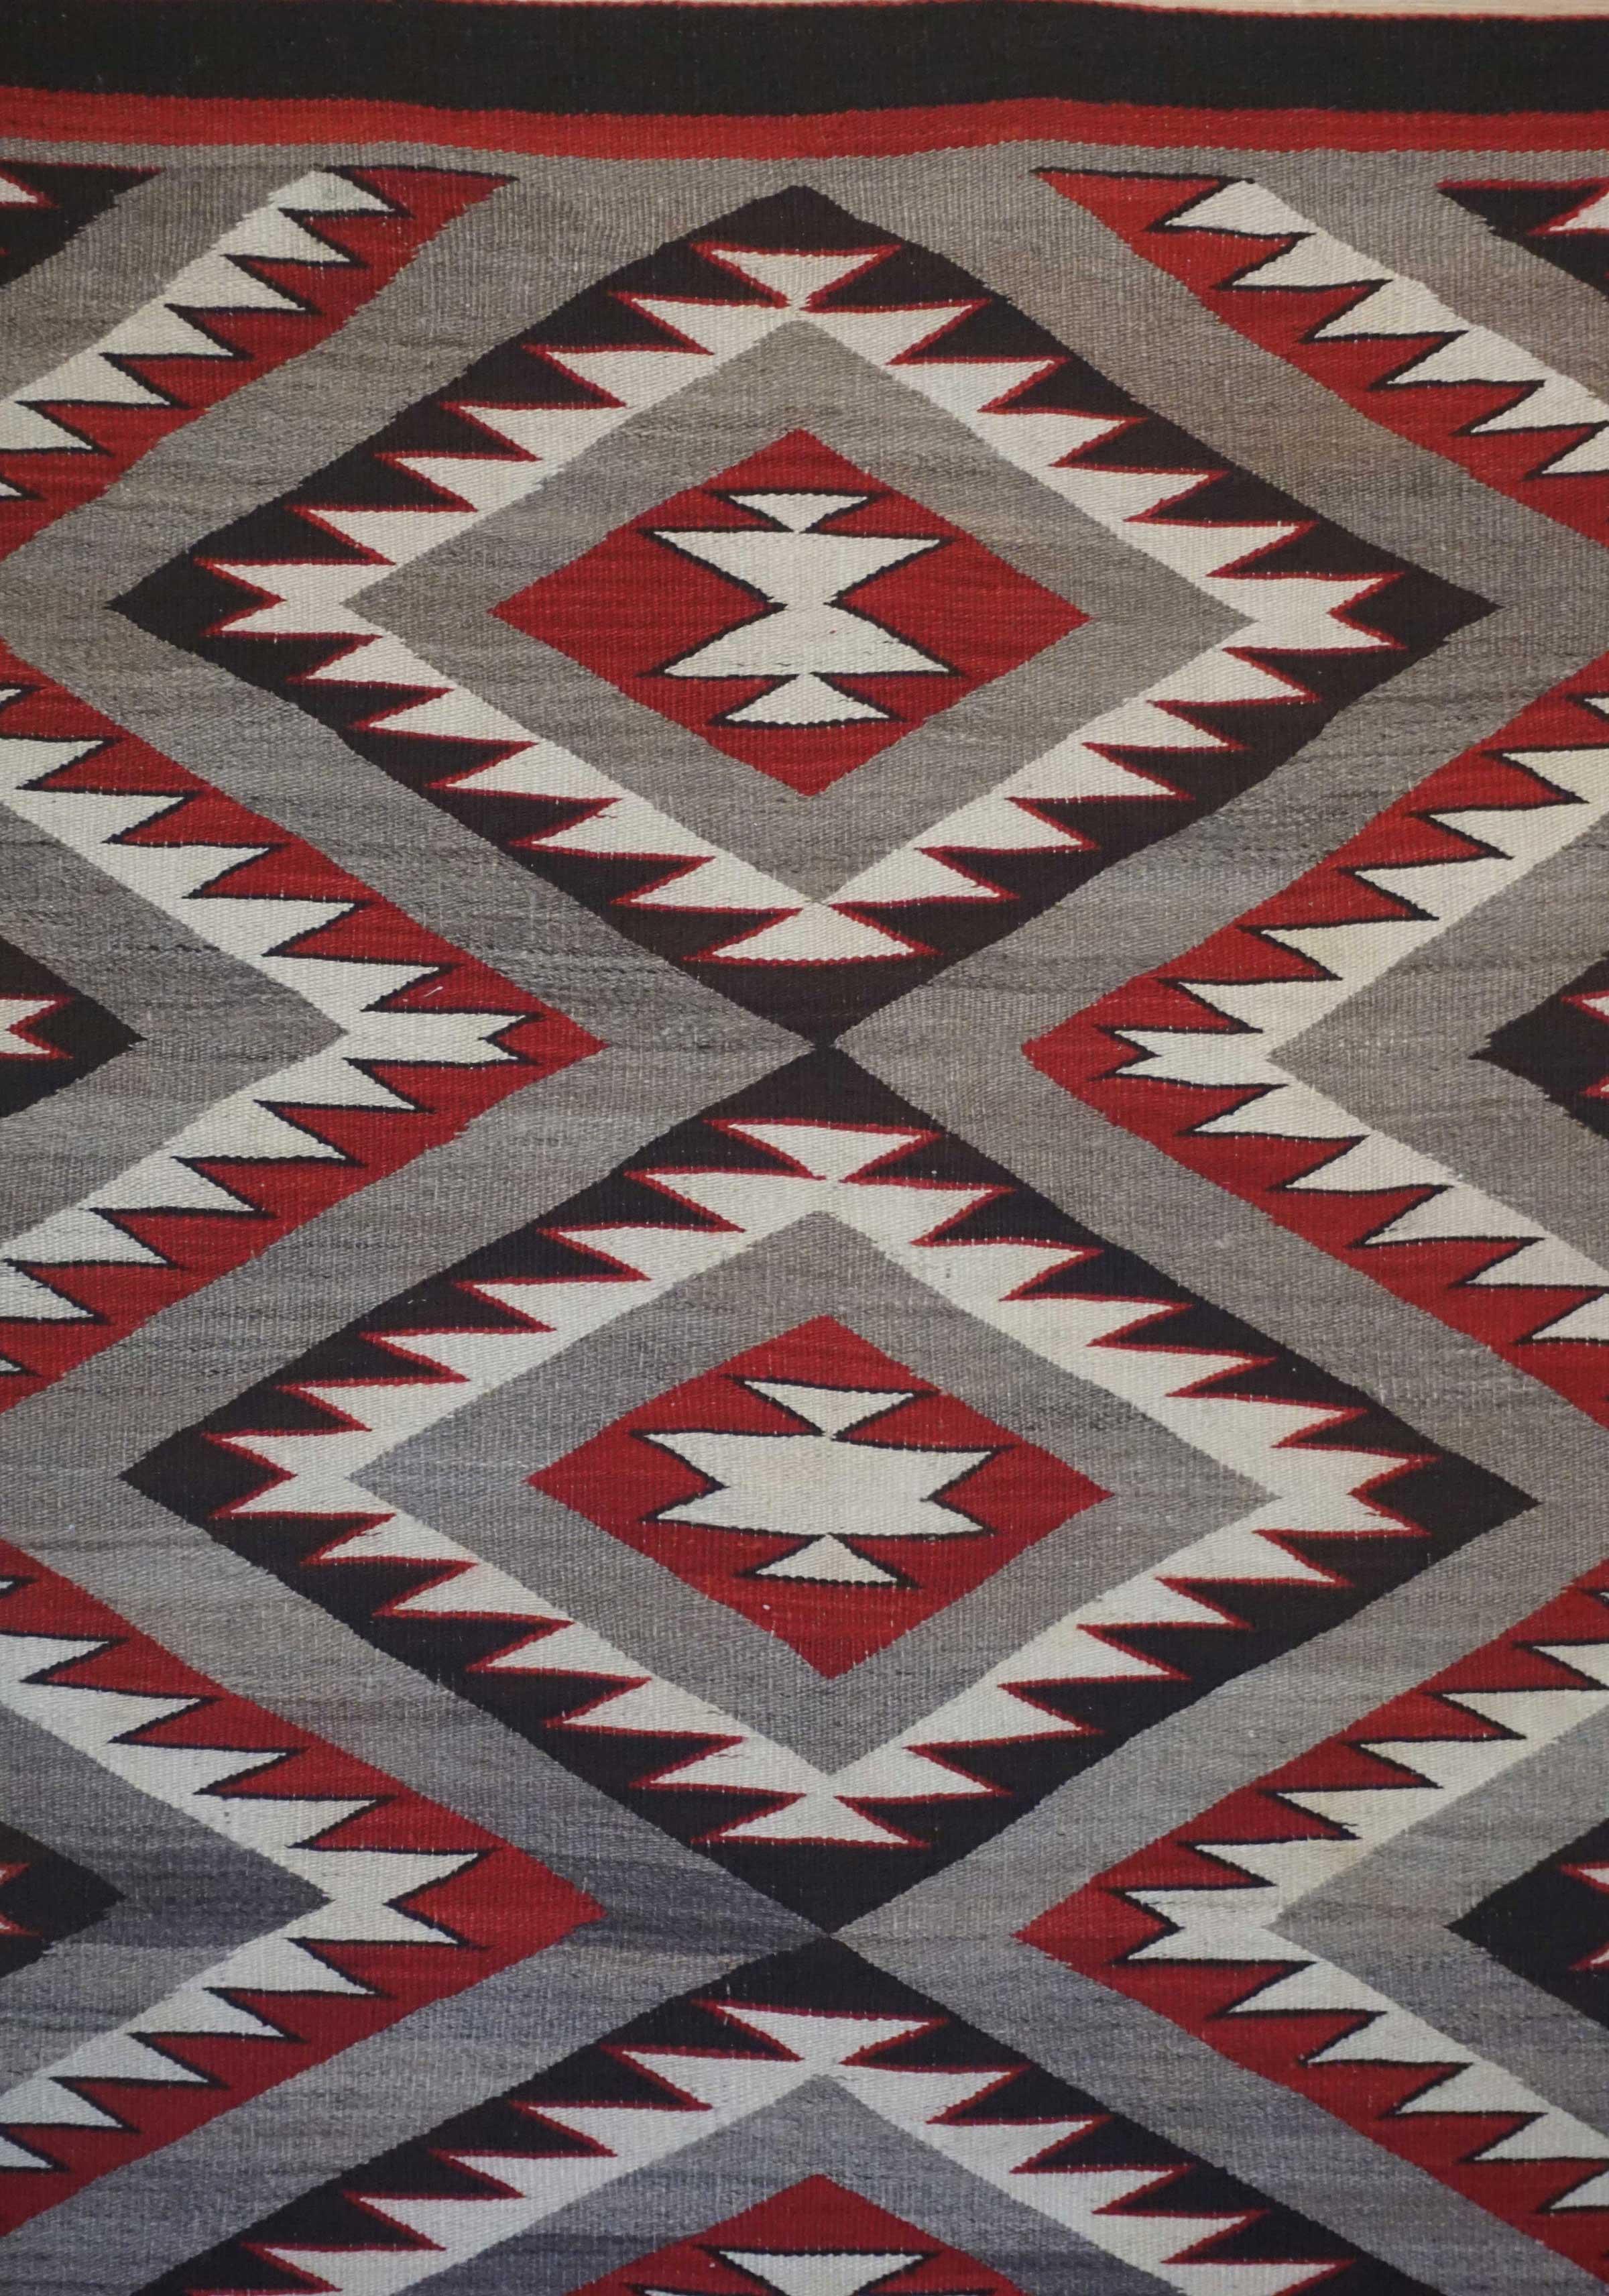 Red Mesa Eye Dazzler Navajo Rug 1002 Charley S Navajo